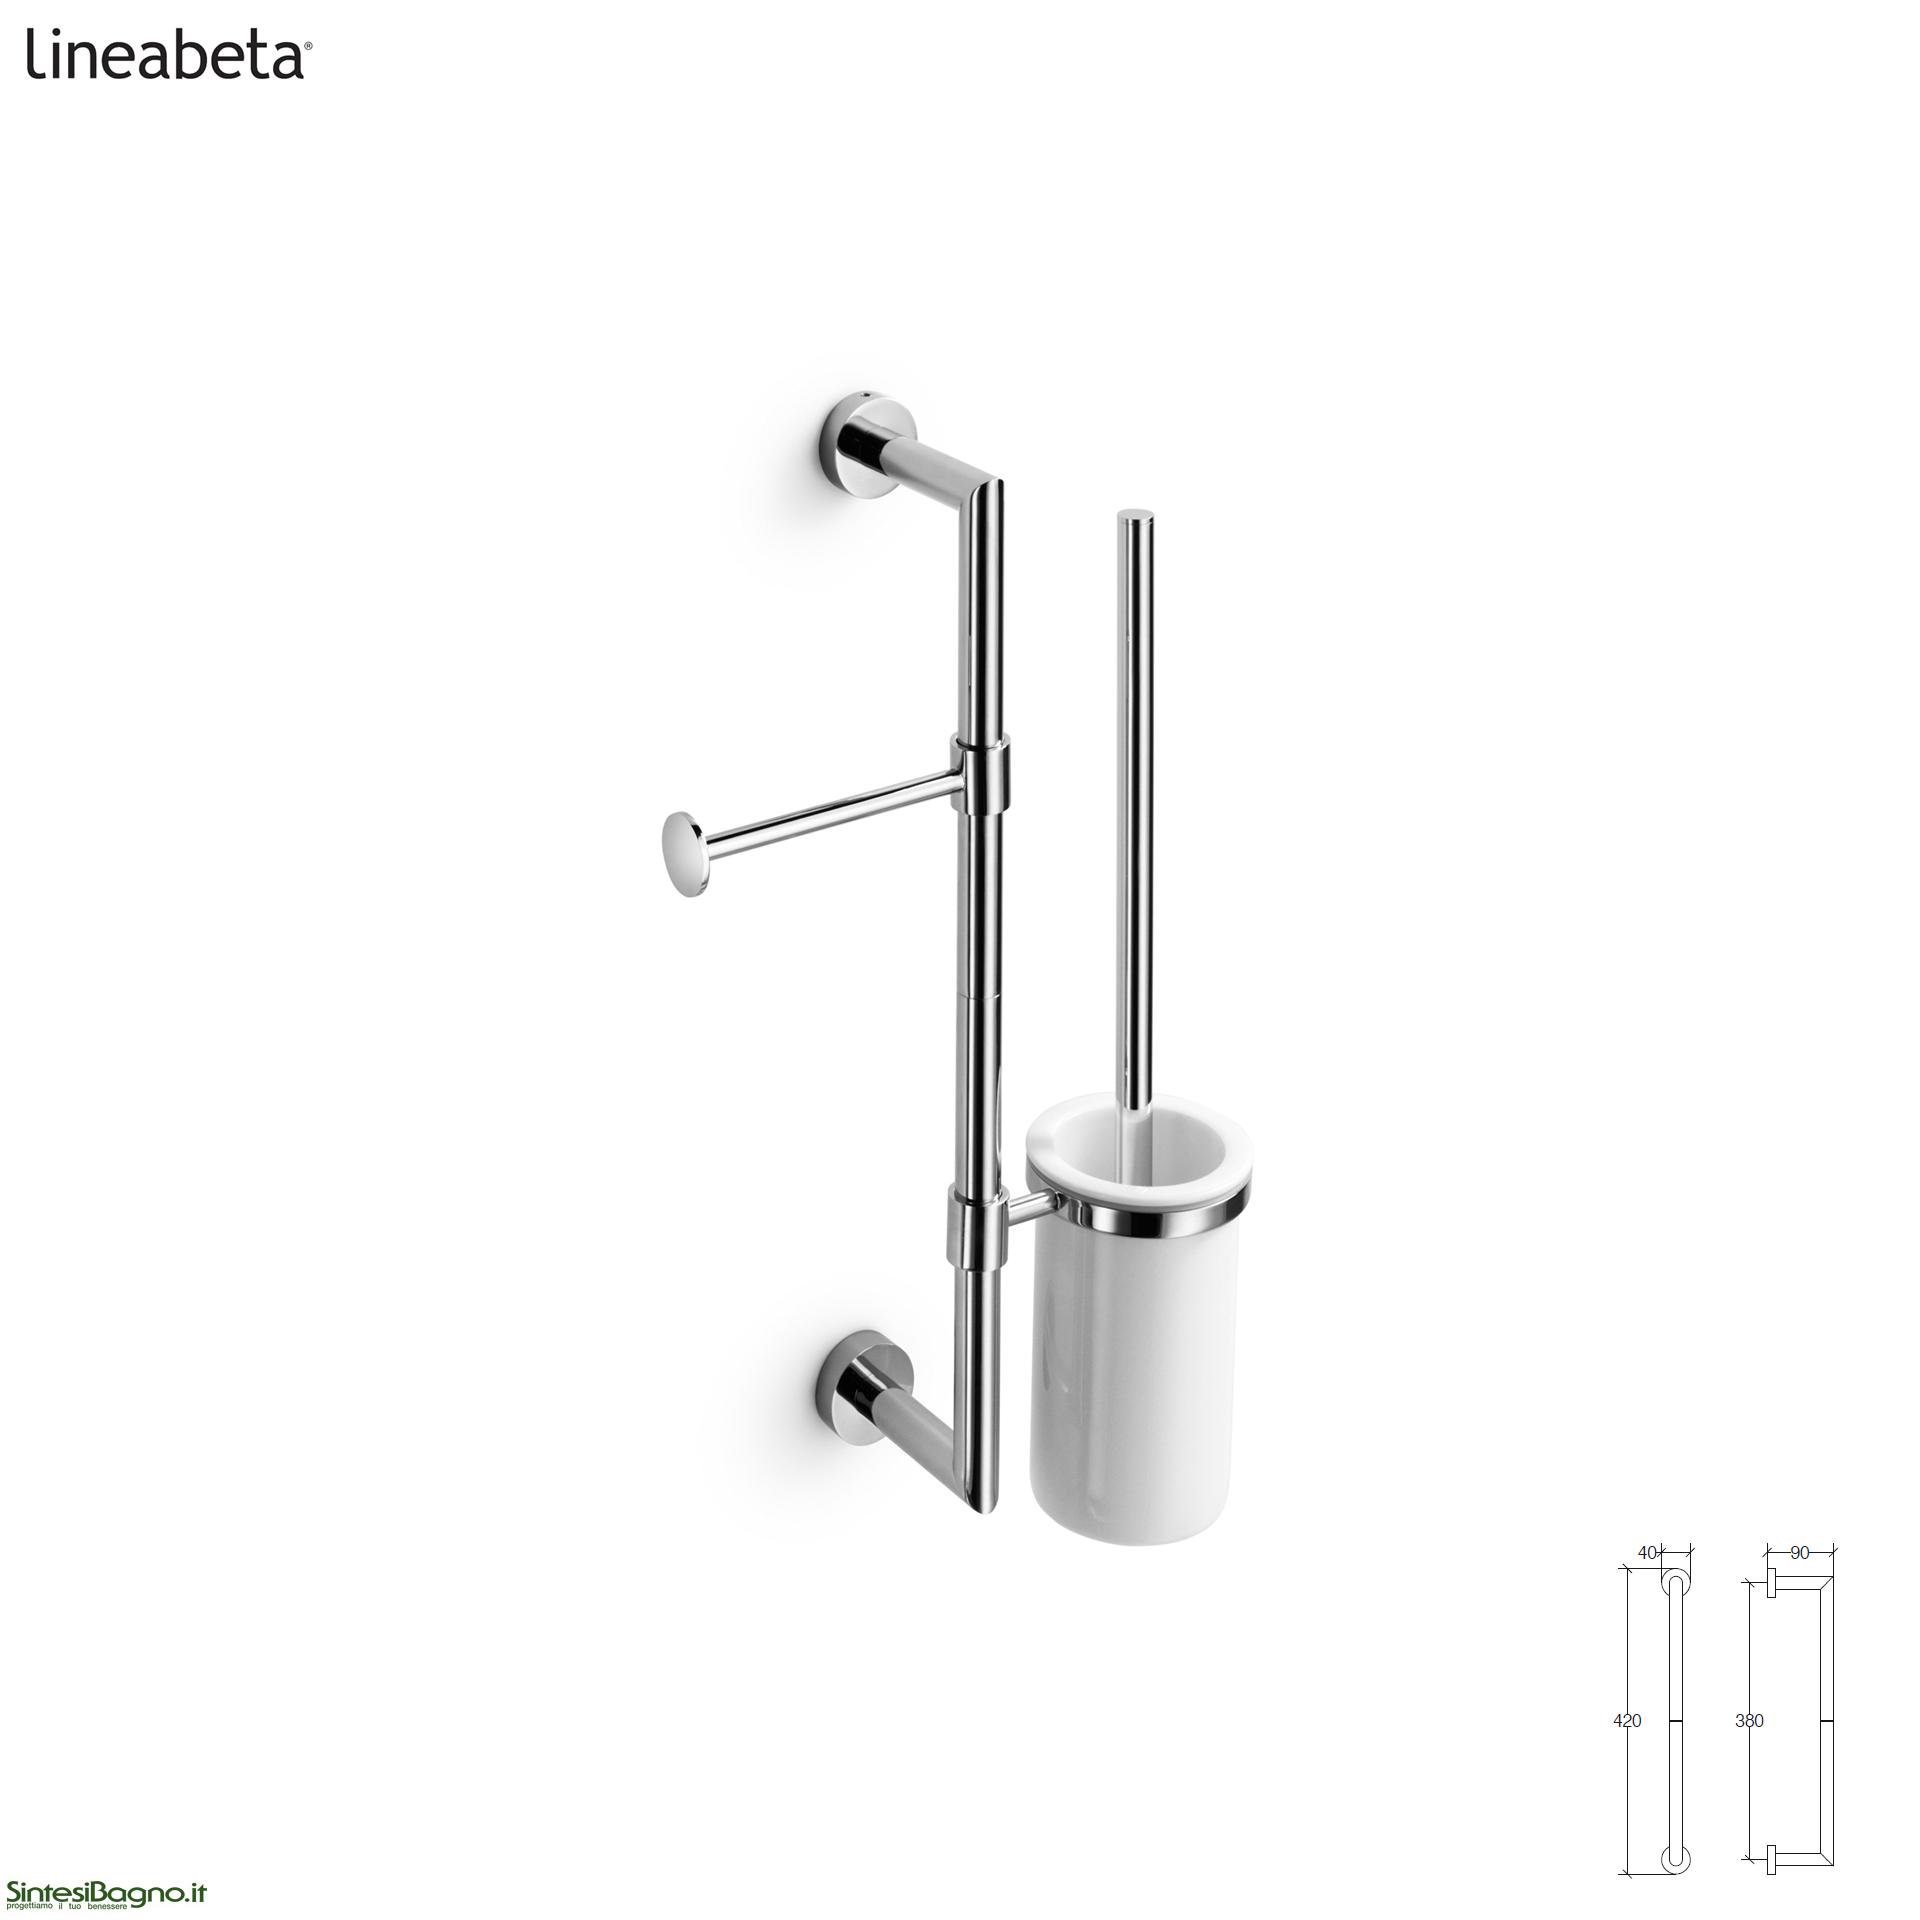 barre attrezzabili per accessori arredobagno: baketo ... - Lineabeta Arredo Bagno